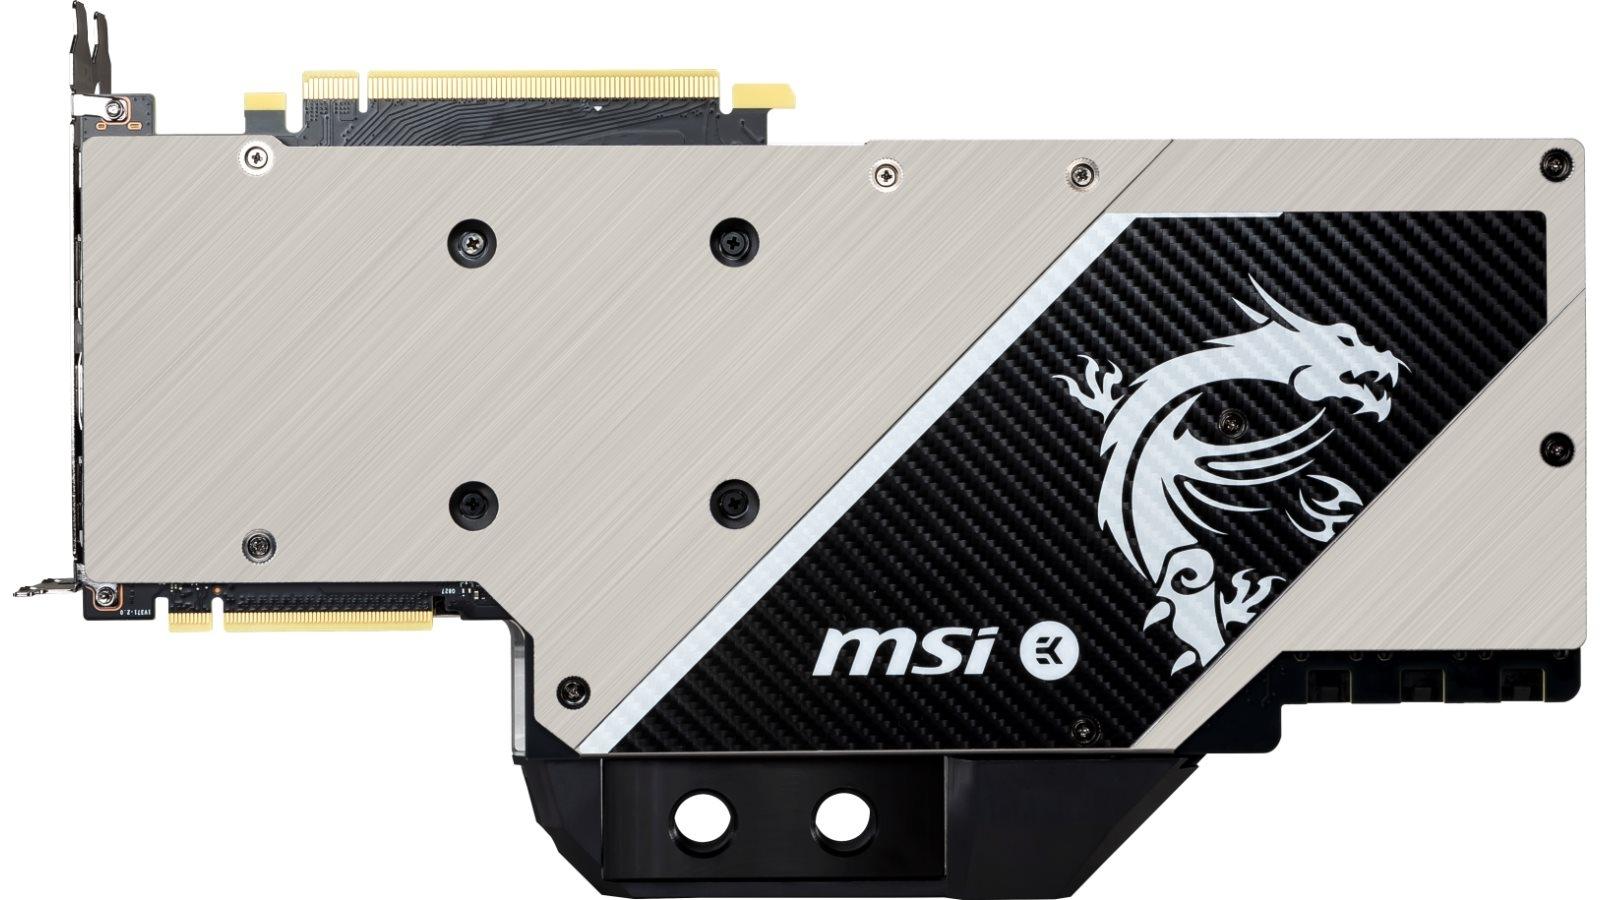 MSI NVIDIA GeForce RTX 2080 Ti Sea Hawk EK X 11GB Graphics Card